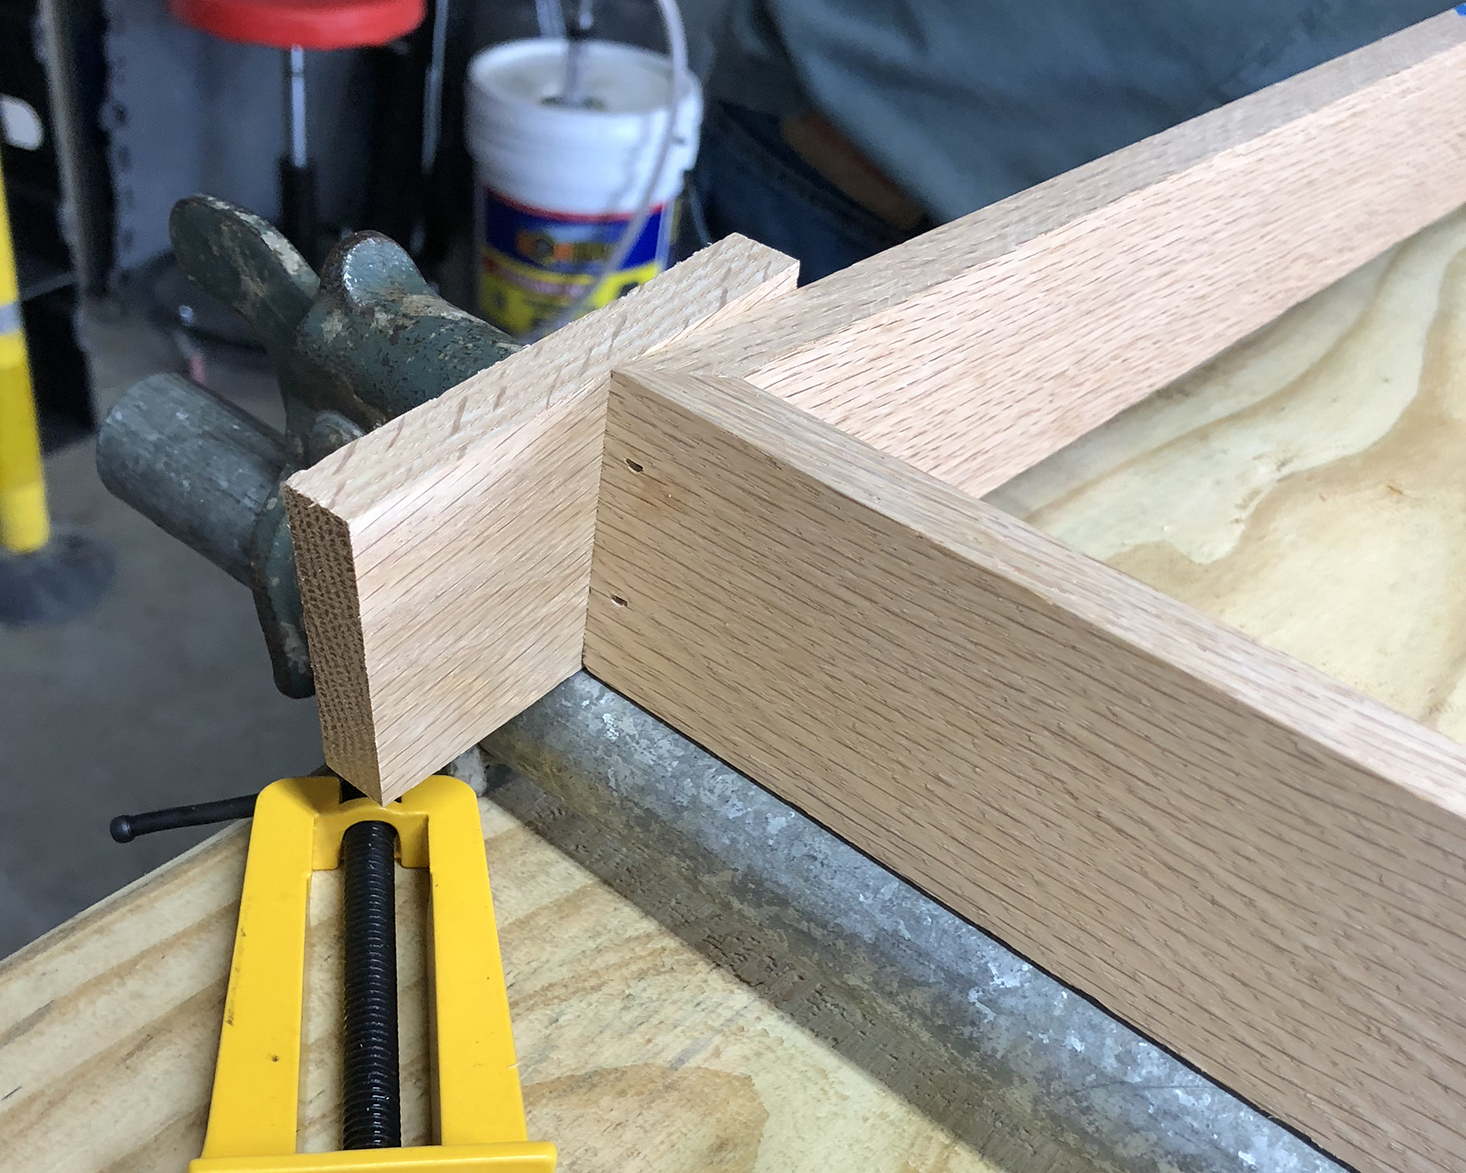 Detail of nail holes at bottom of frame